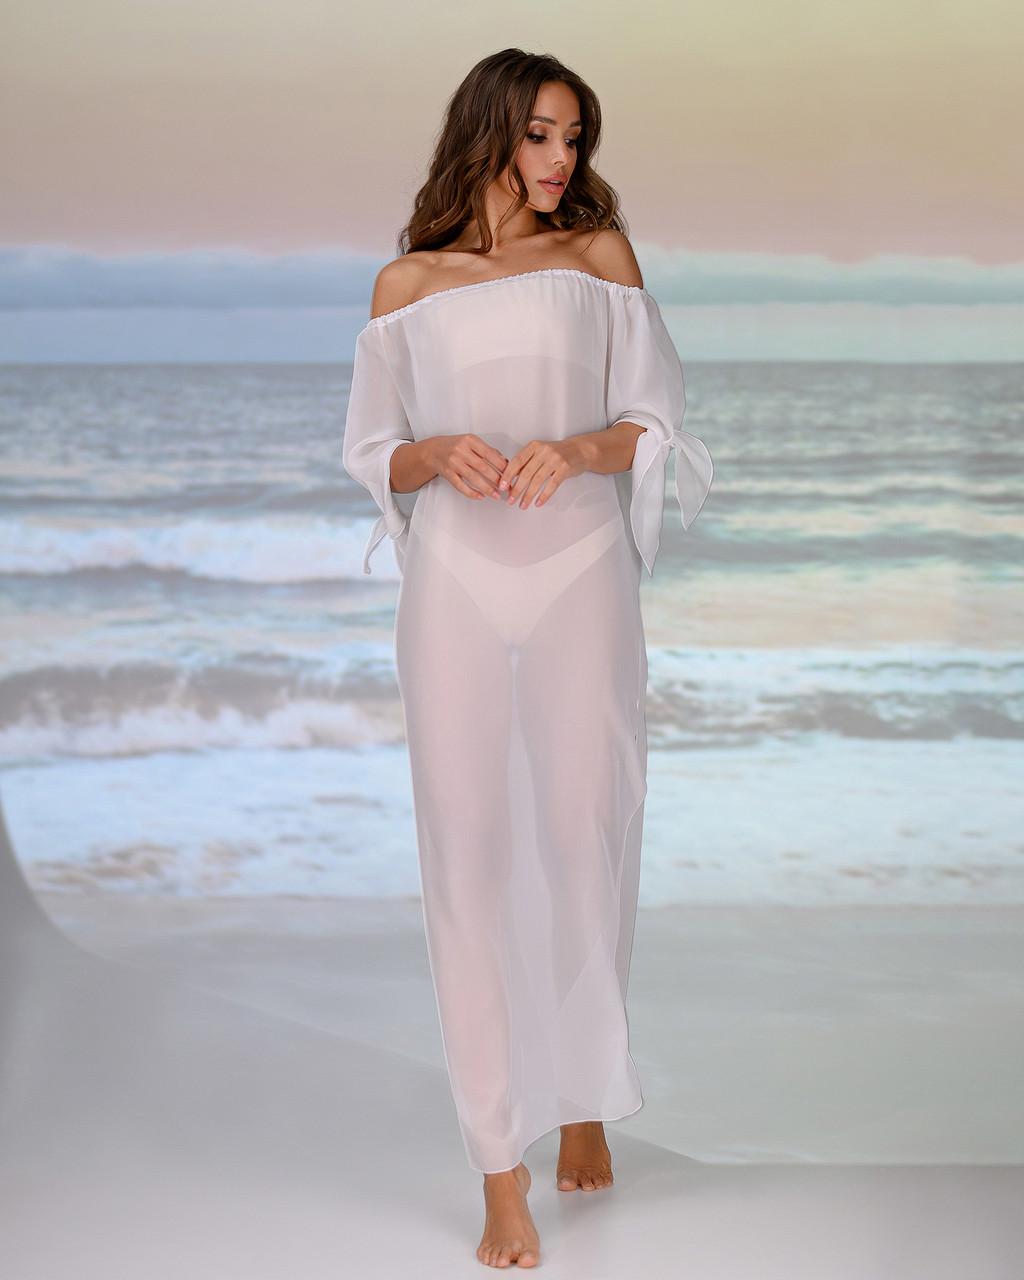 Довга пляжна туніка зі спущеними плечима розмір 46-48р. колір білий